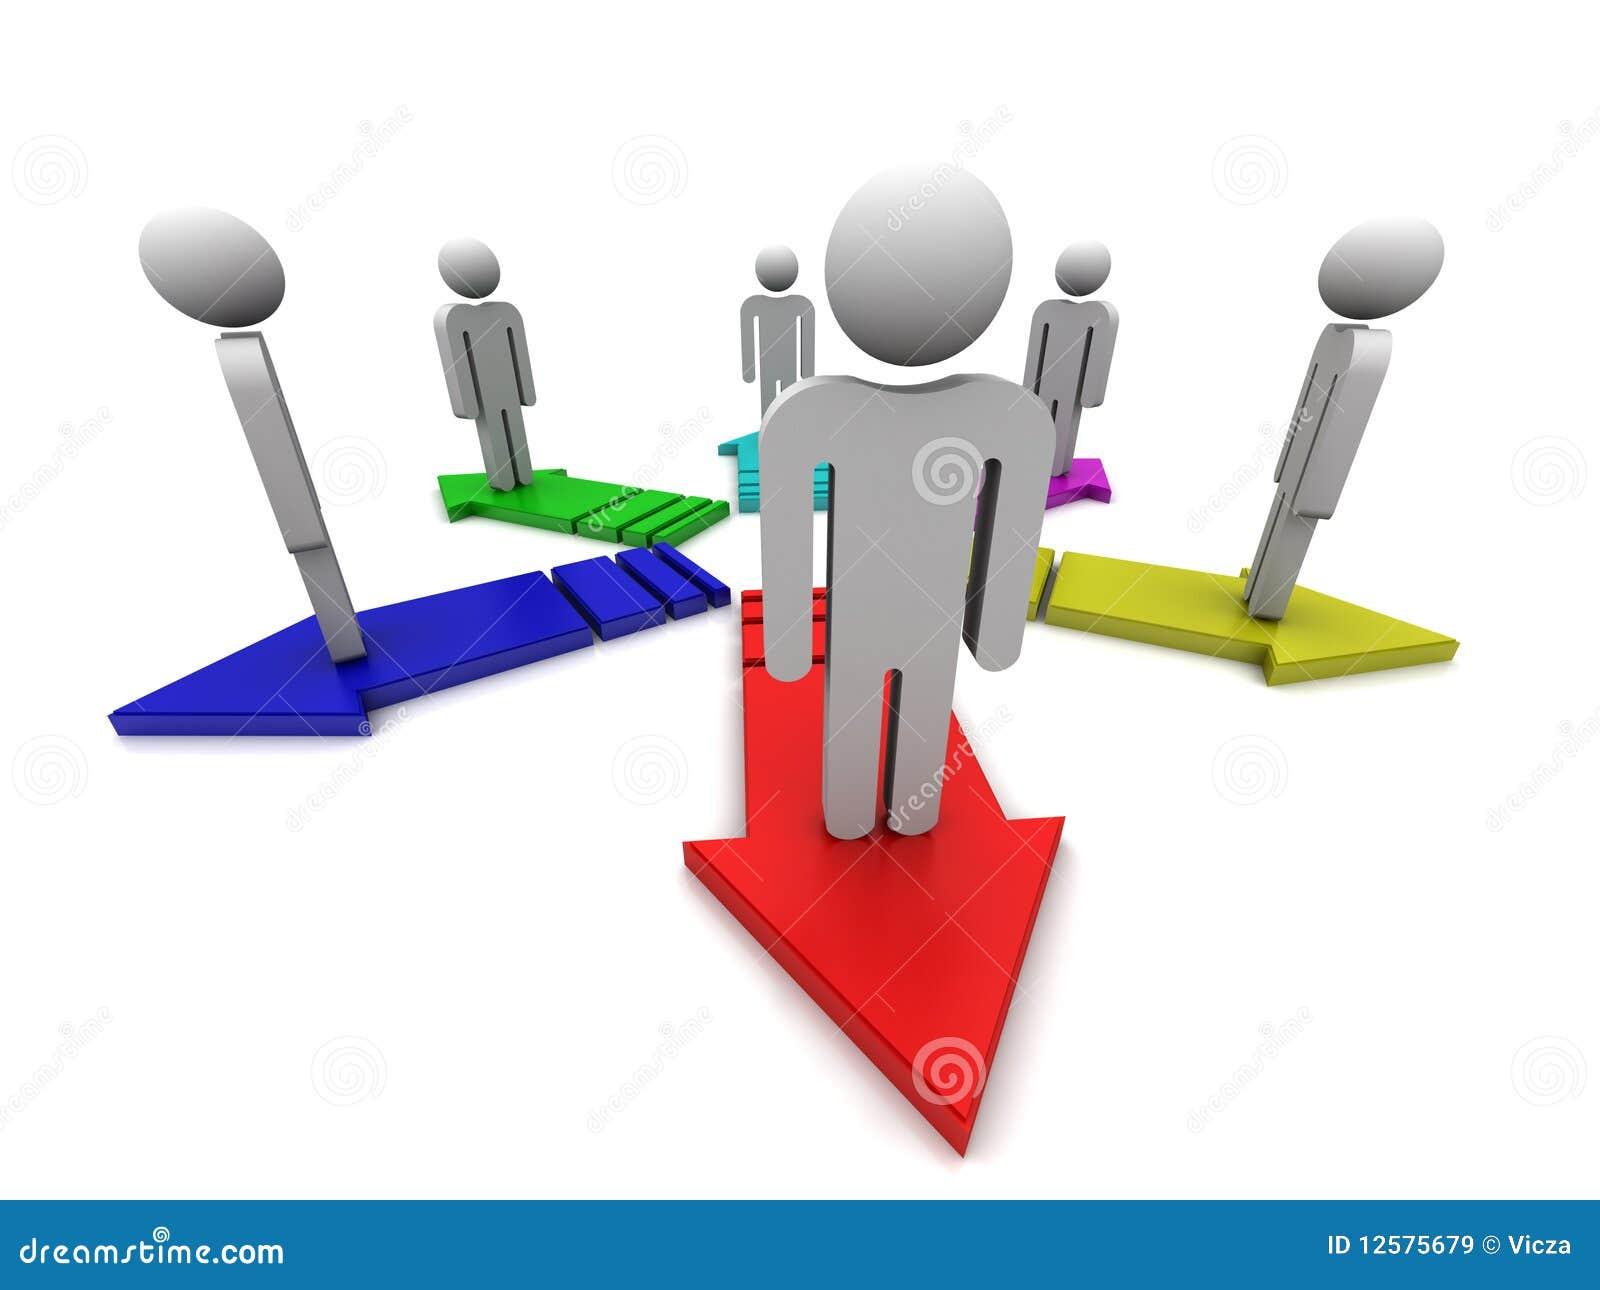 Various strategies of options